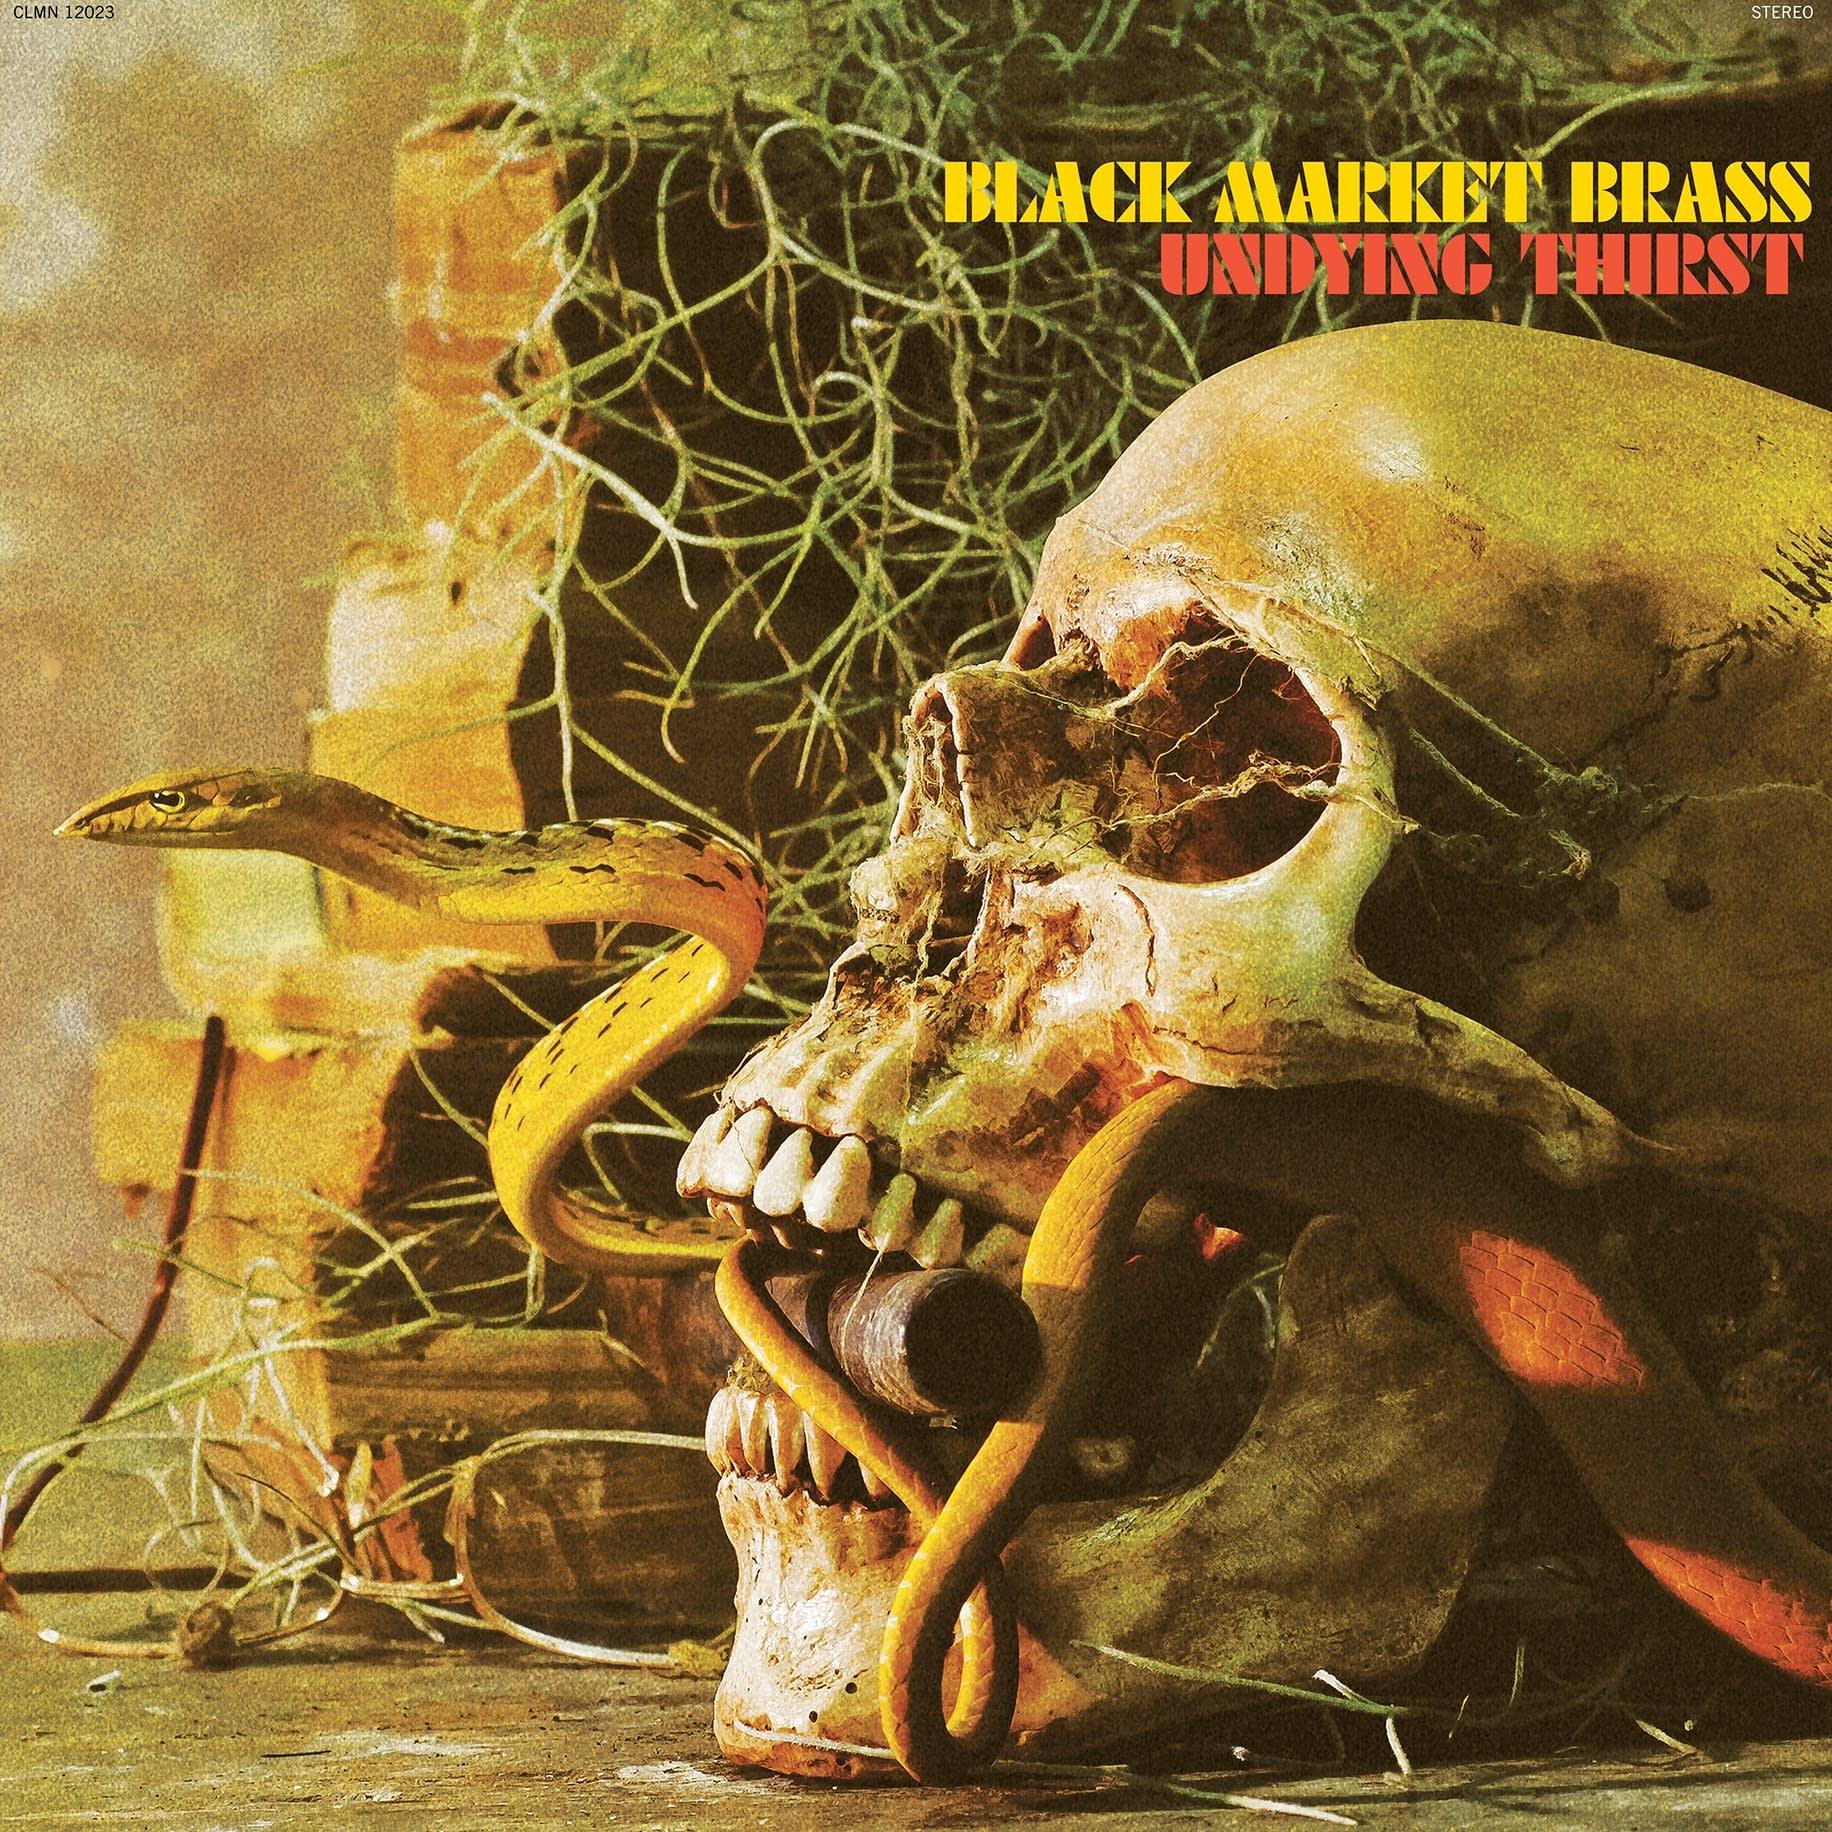 Black Market Brass